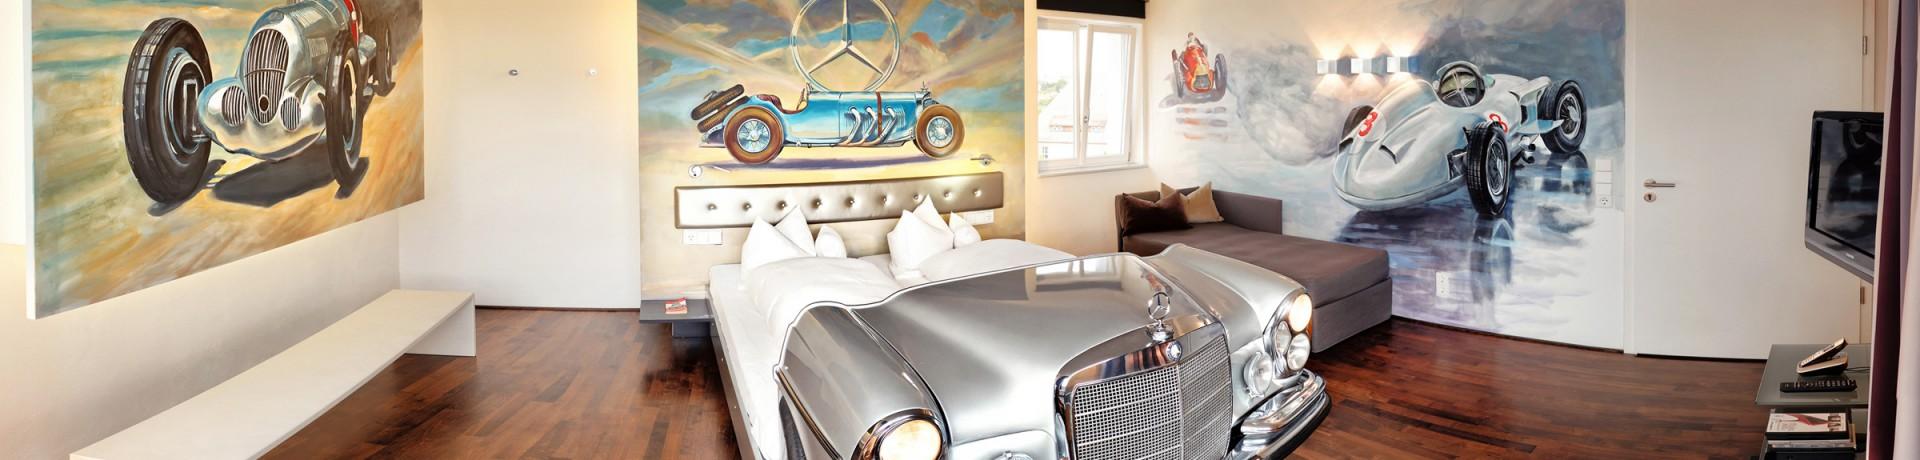 Supertrips - Bijzondere Hotels